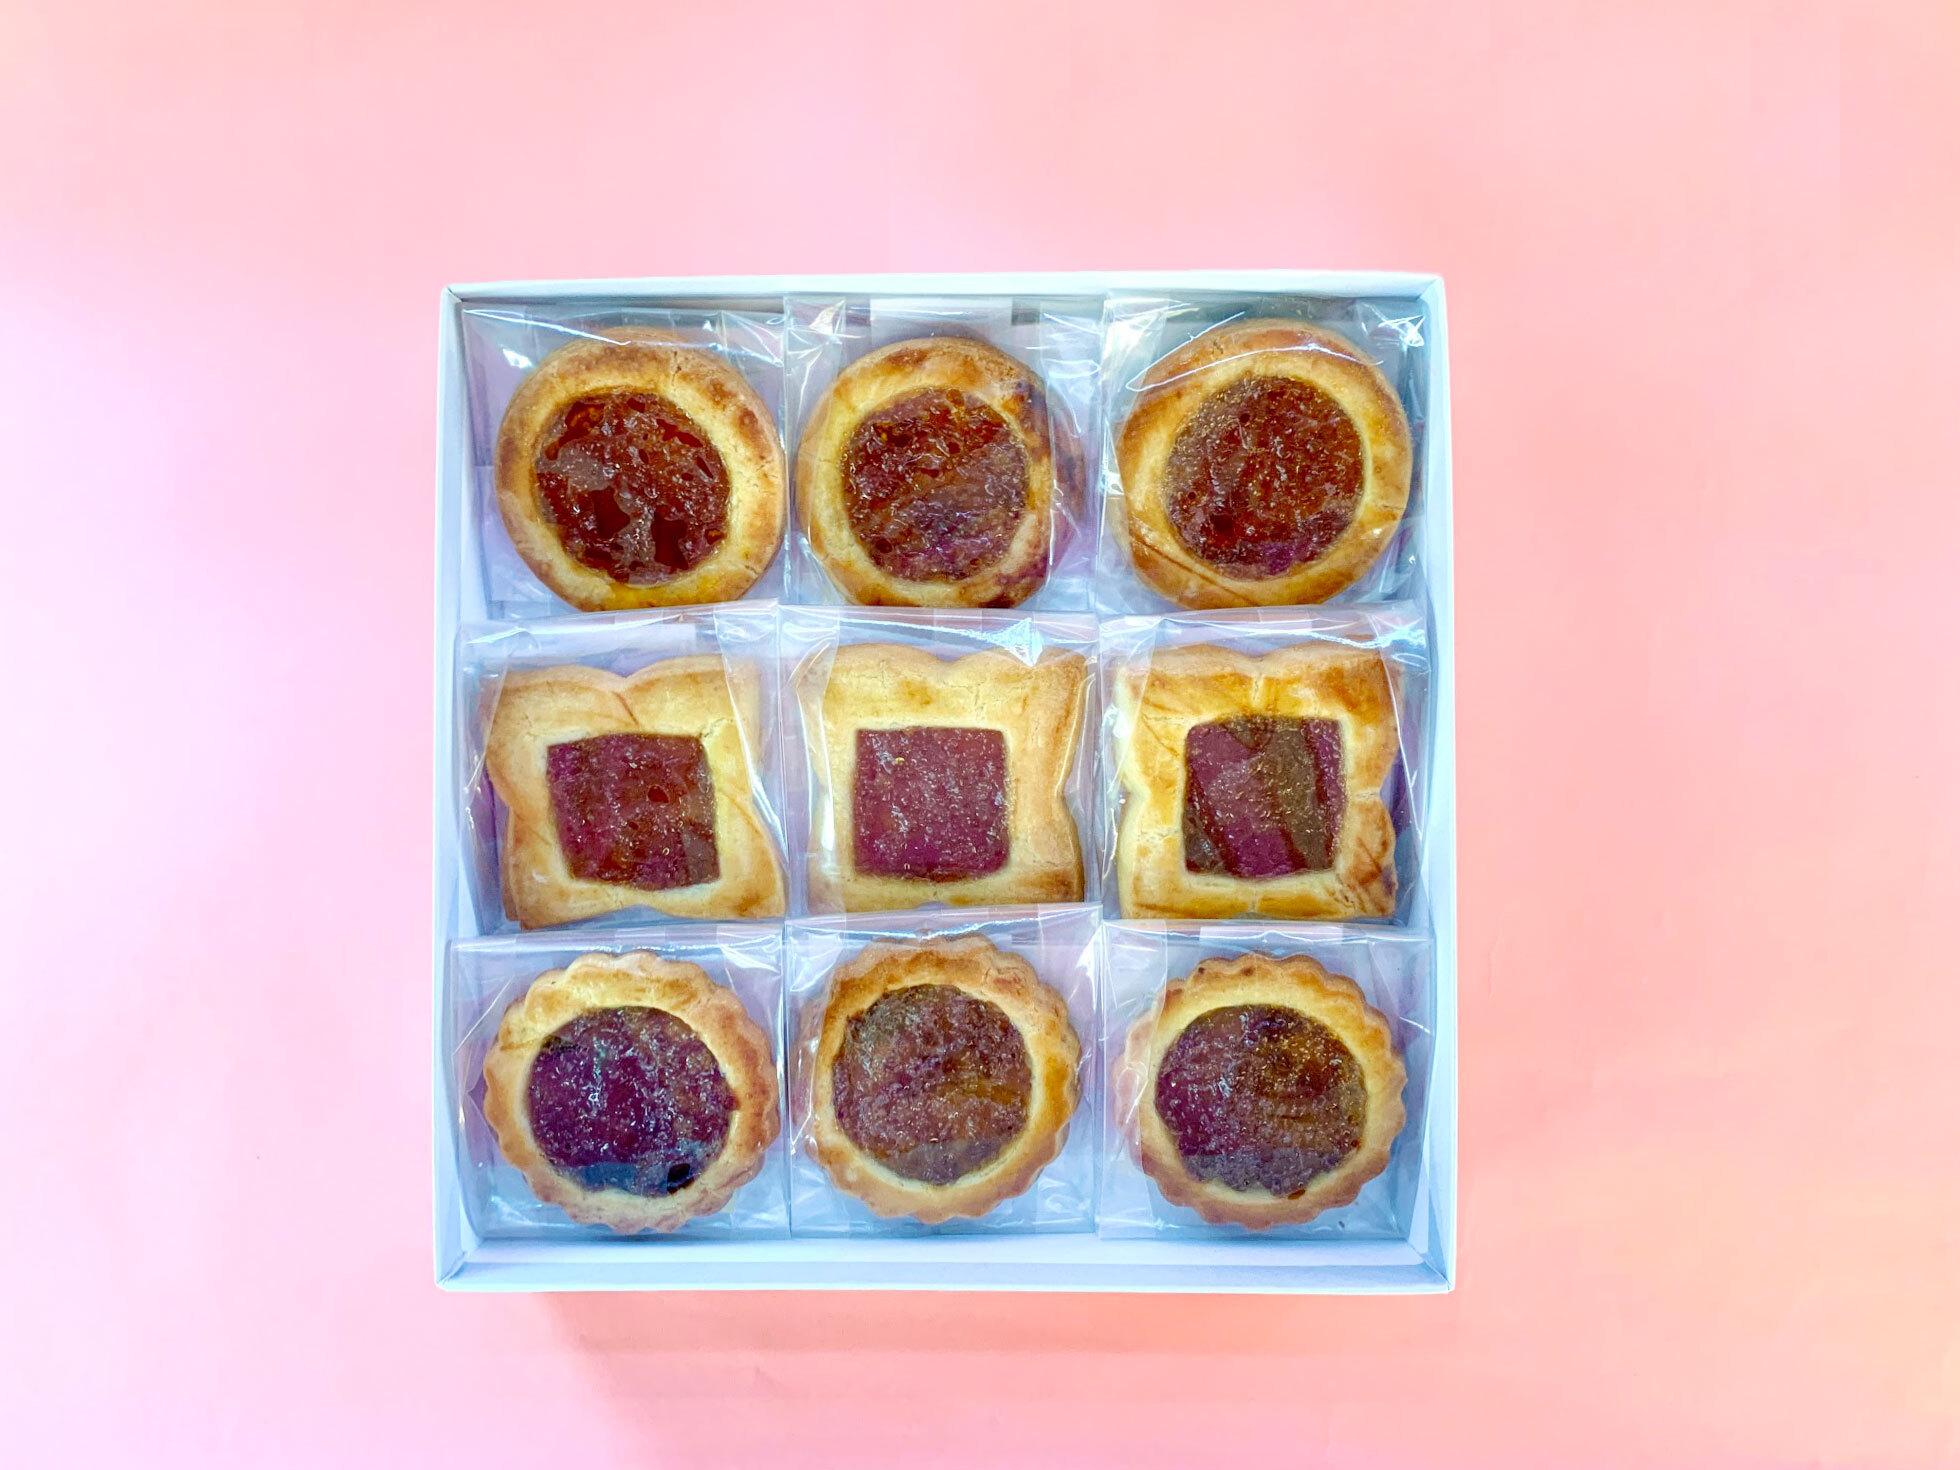 【8/6発送分予約】空家スイーツ(ロシアケーキ)9個入り1箱(ゆず/かき/うめ)